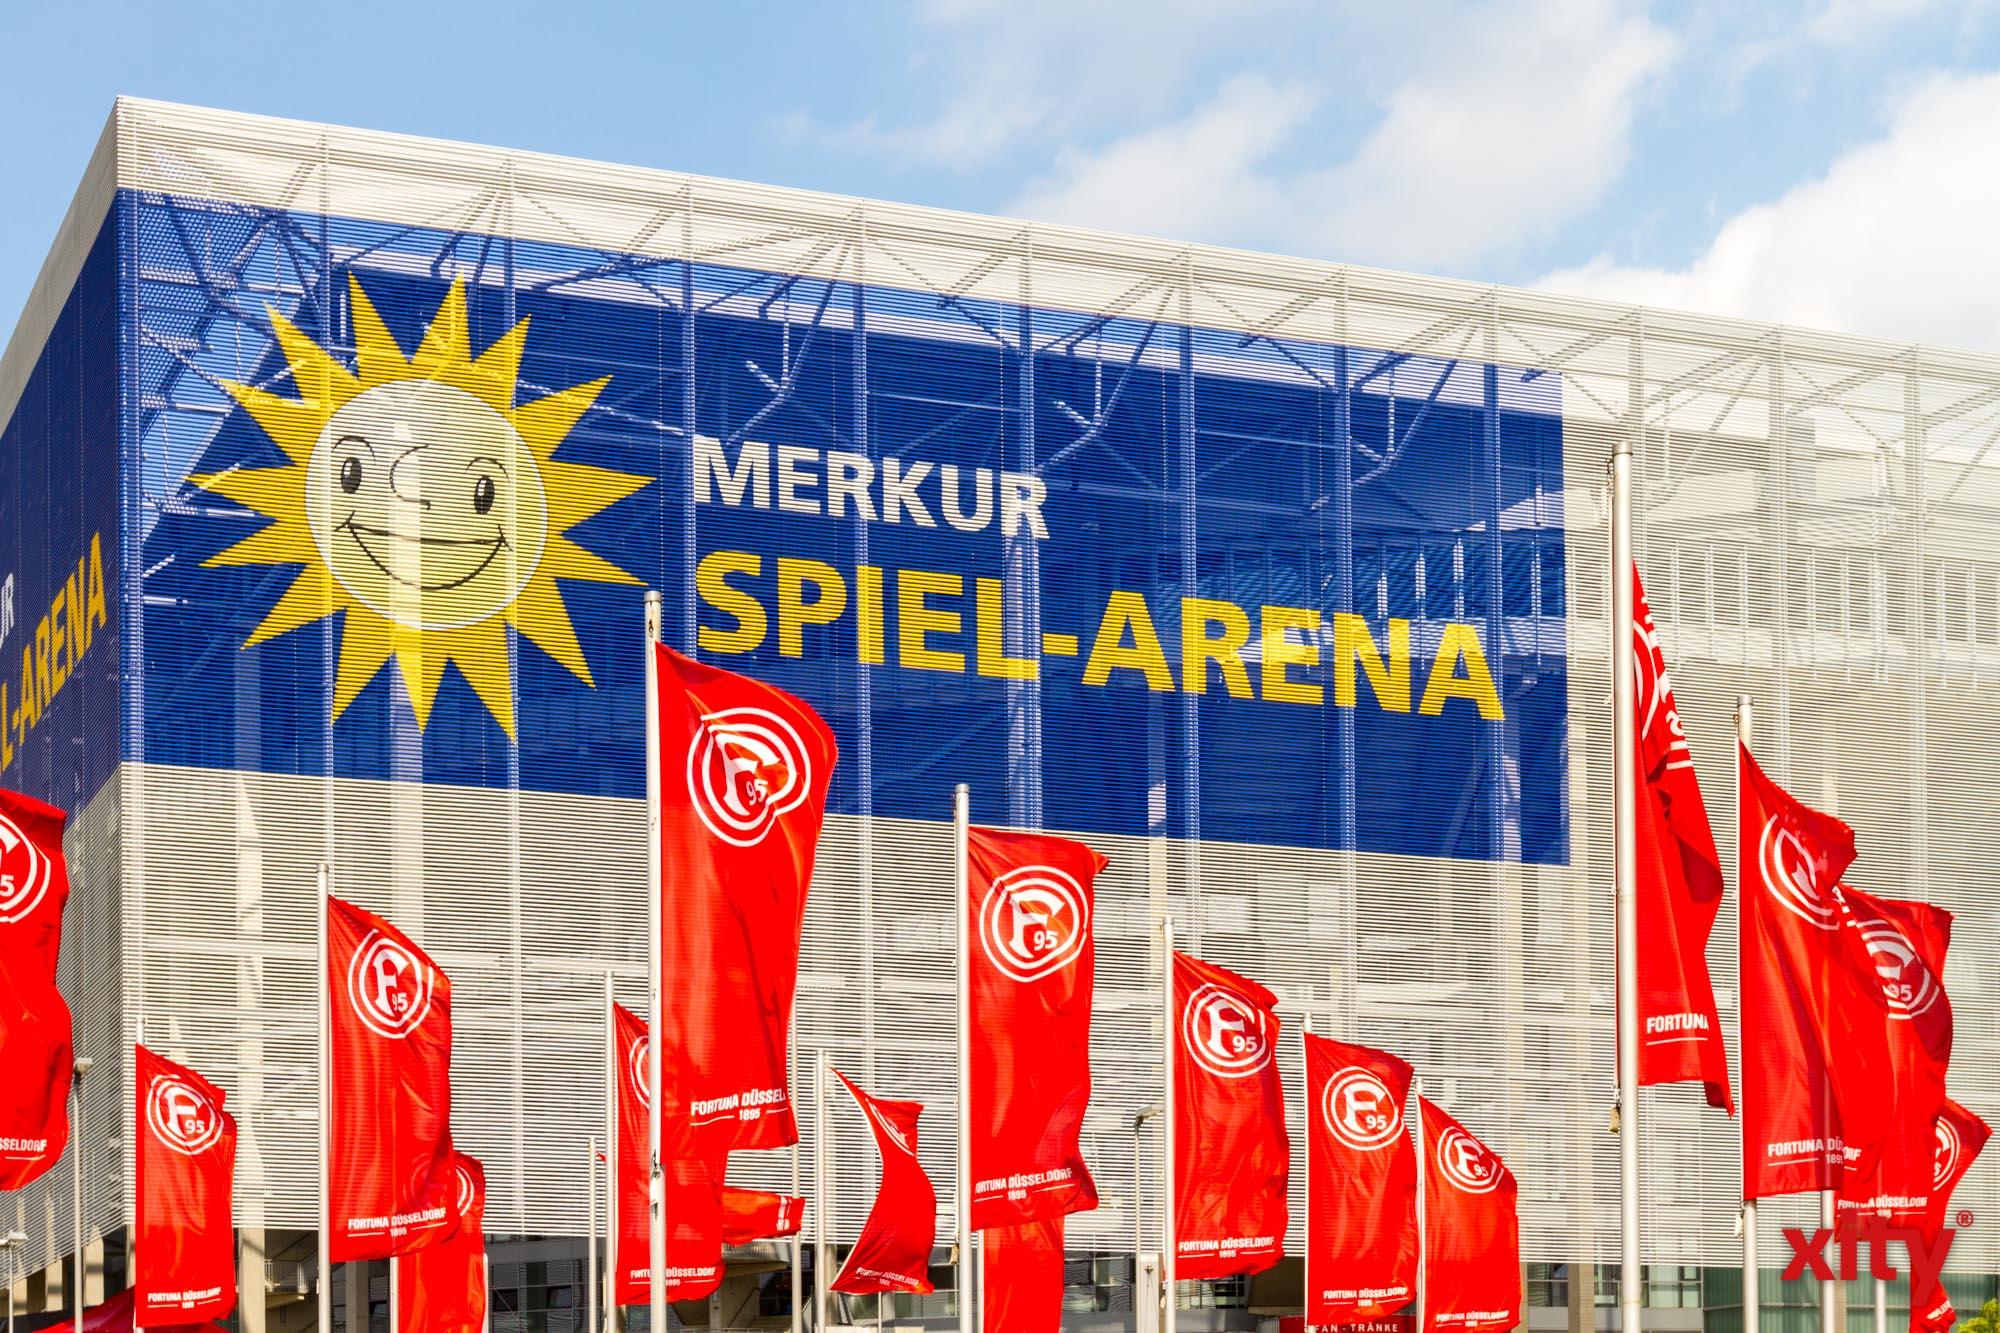 Stadt und Fortuna einigen sich auf zweijährigen Mietvertrag für die Merkur Spiel-Arena (Foto: xity)